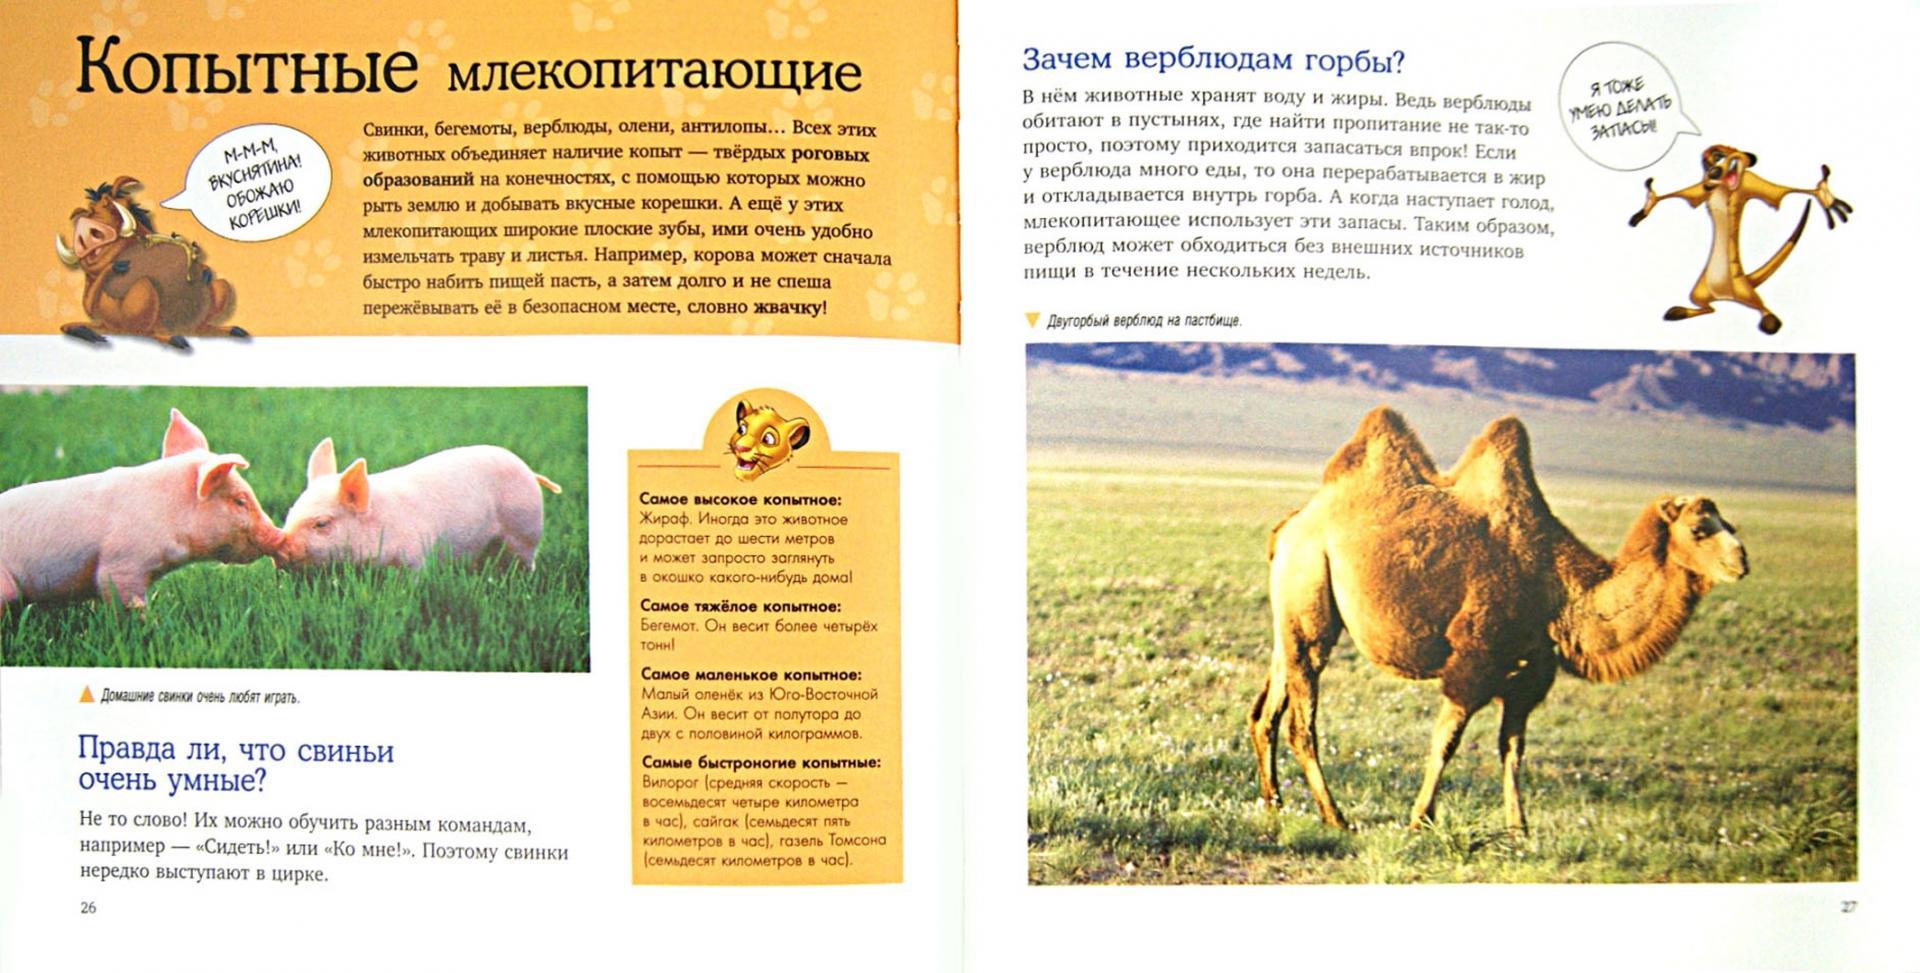 Иллюстрация 1 из 22 для Млекопитающие. Удивительная энциклопедия животных | Лабиринт - книги. Источник: Лабиринт